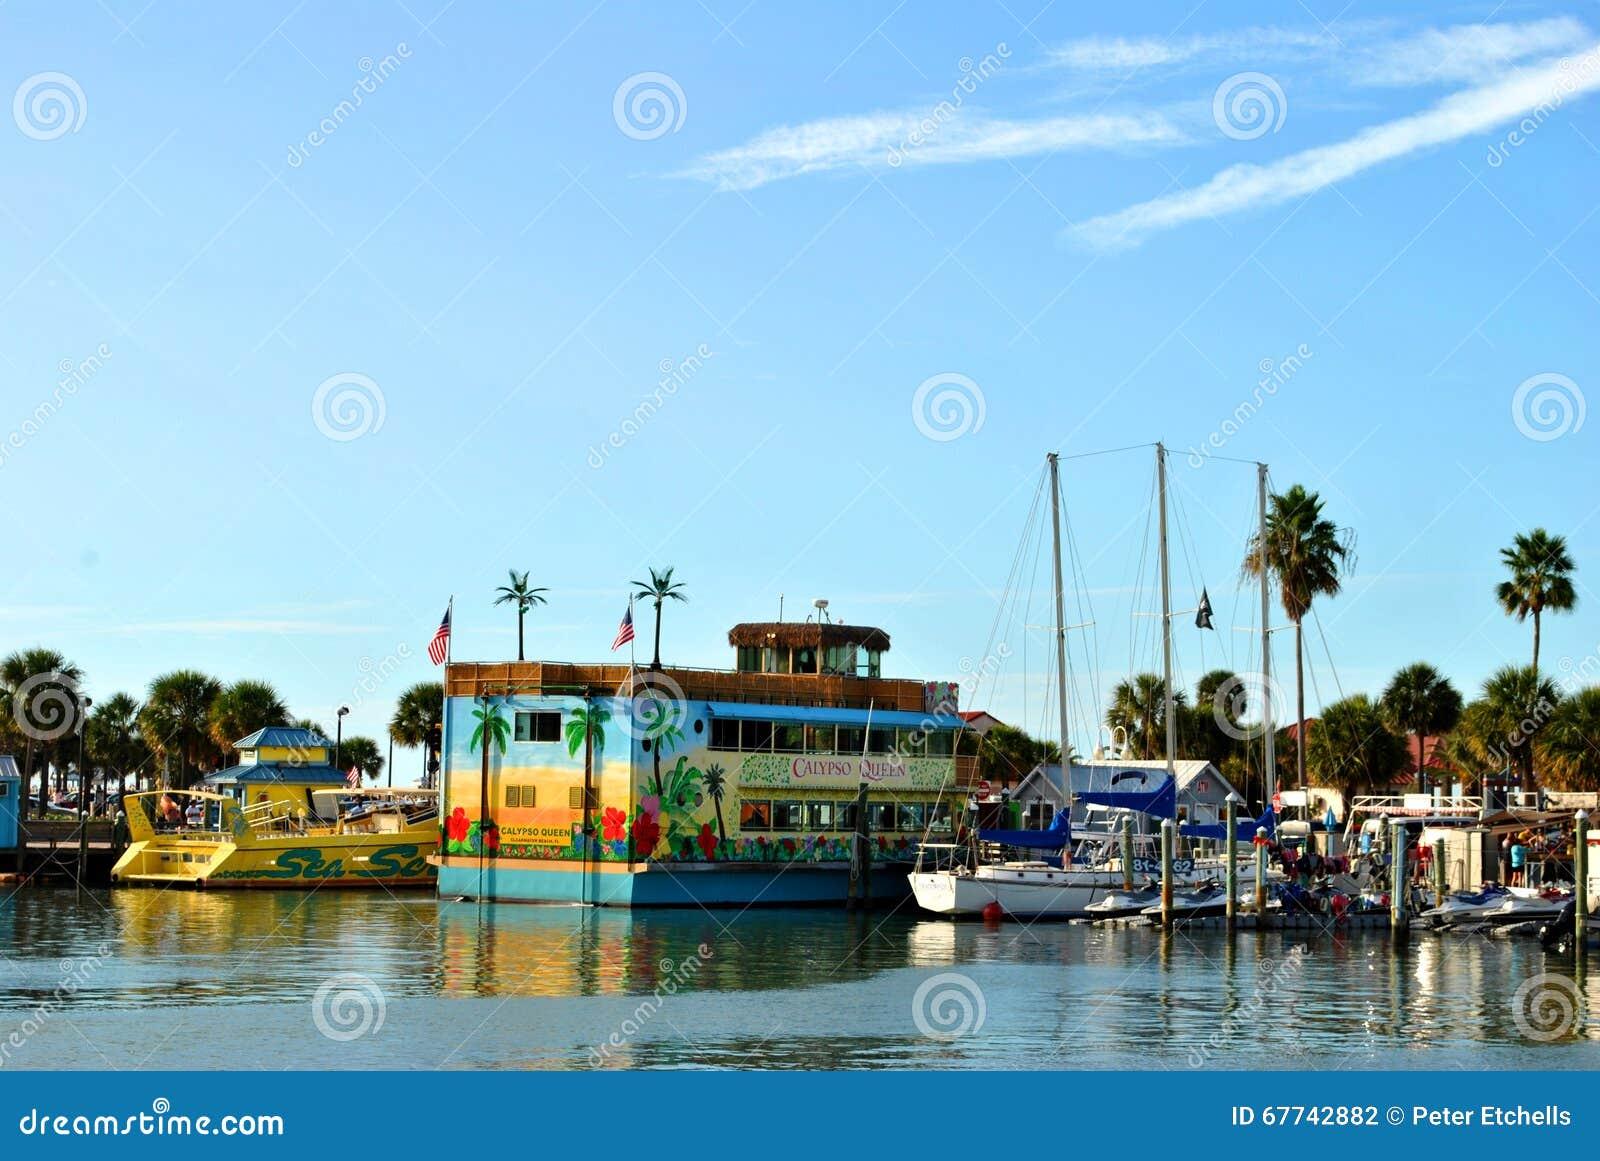 Βάρκες κρουαζιέρας τουριστών στο λιμάνι Φλώριδα παραλιών Clearwater